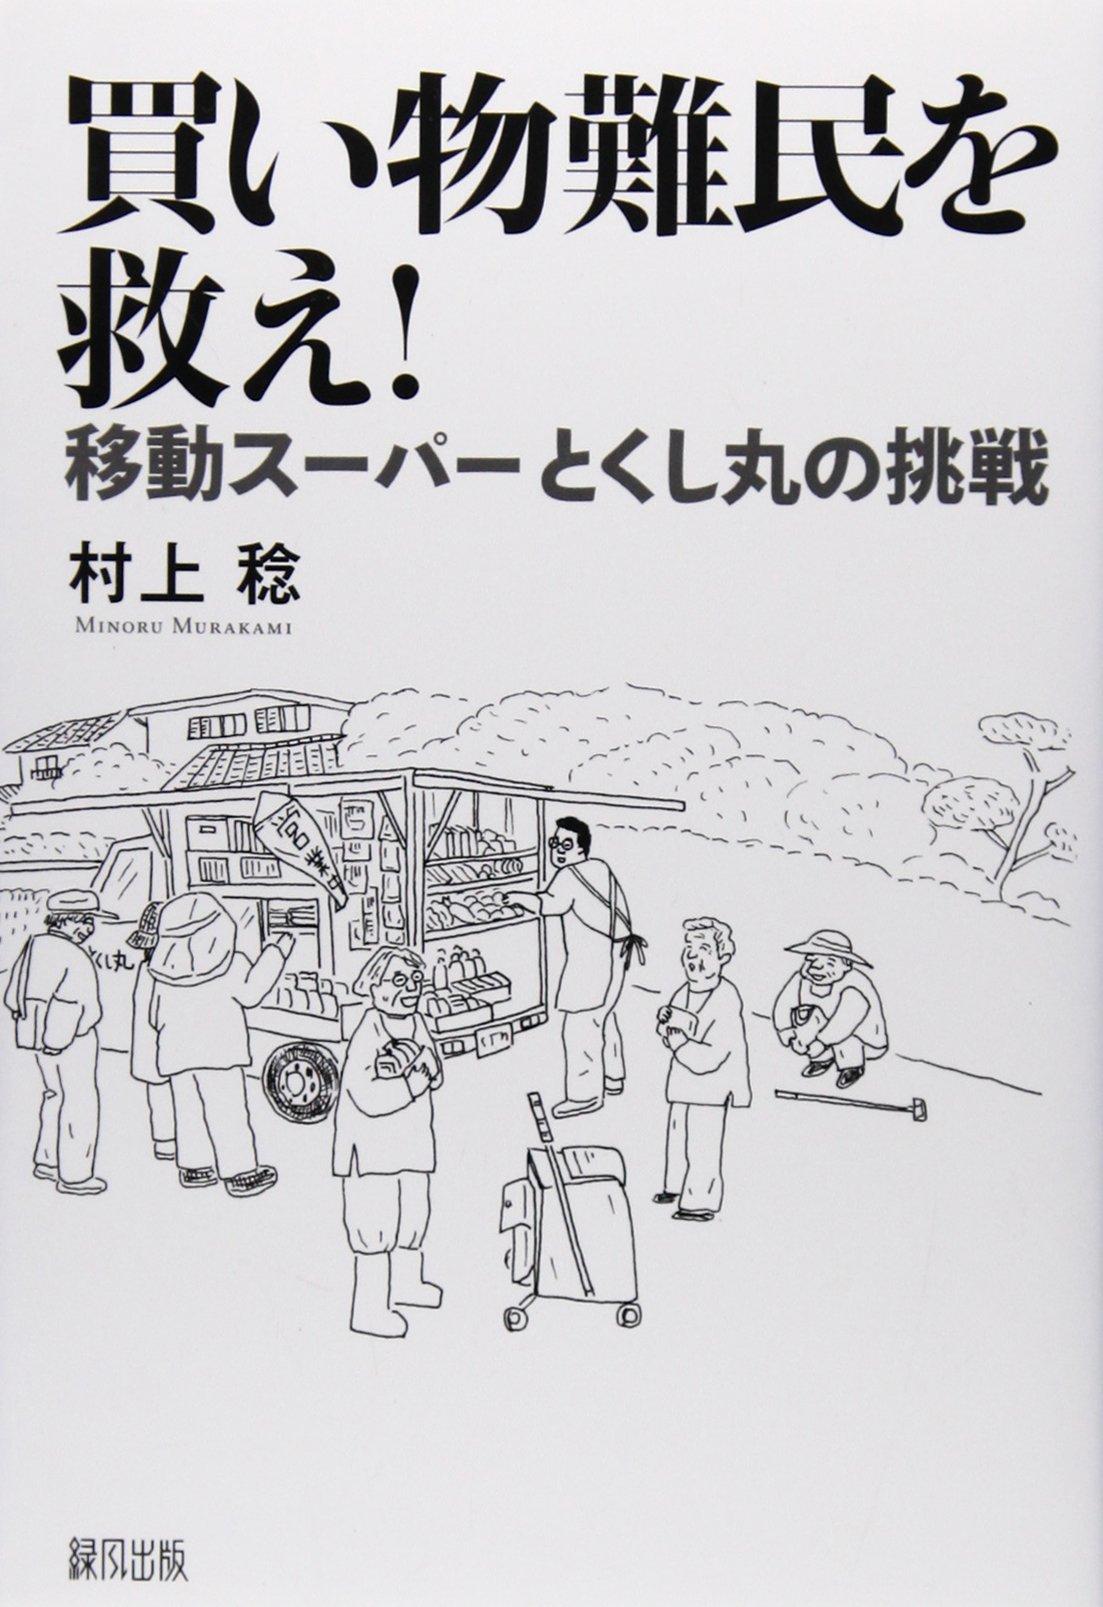 「買物難民を救え!移動スーパーとくし丸の挑戦」村上稔著